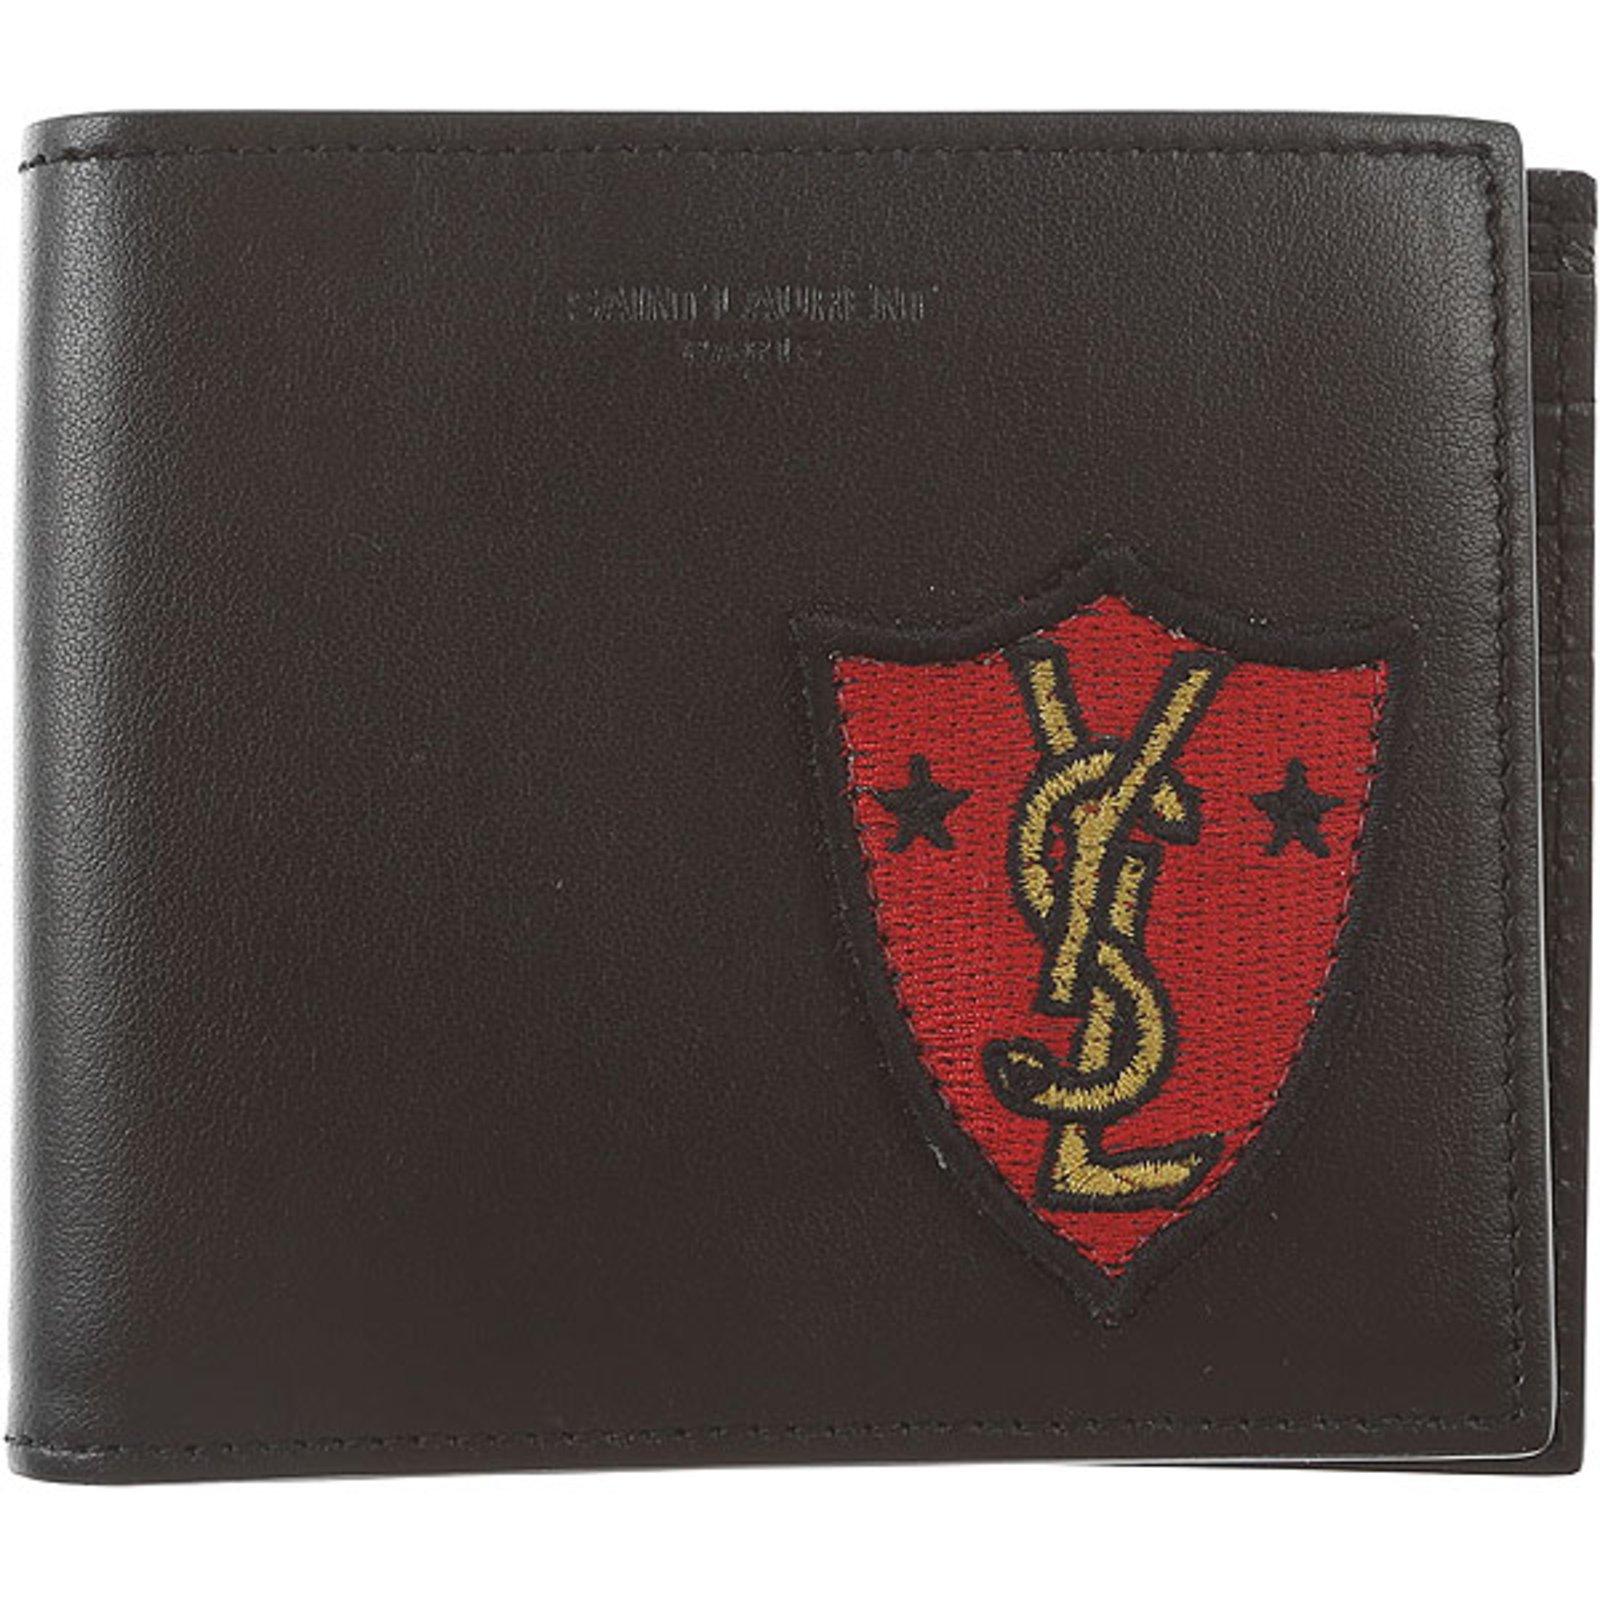 wholesale dealer 8cbed 421c4 Mens wallet YSL Saint Laurent